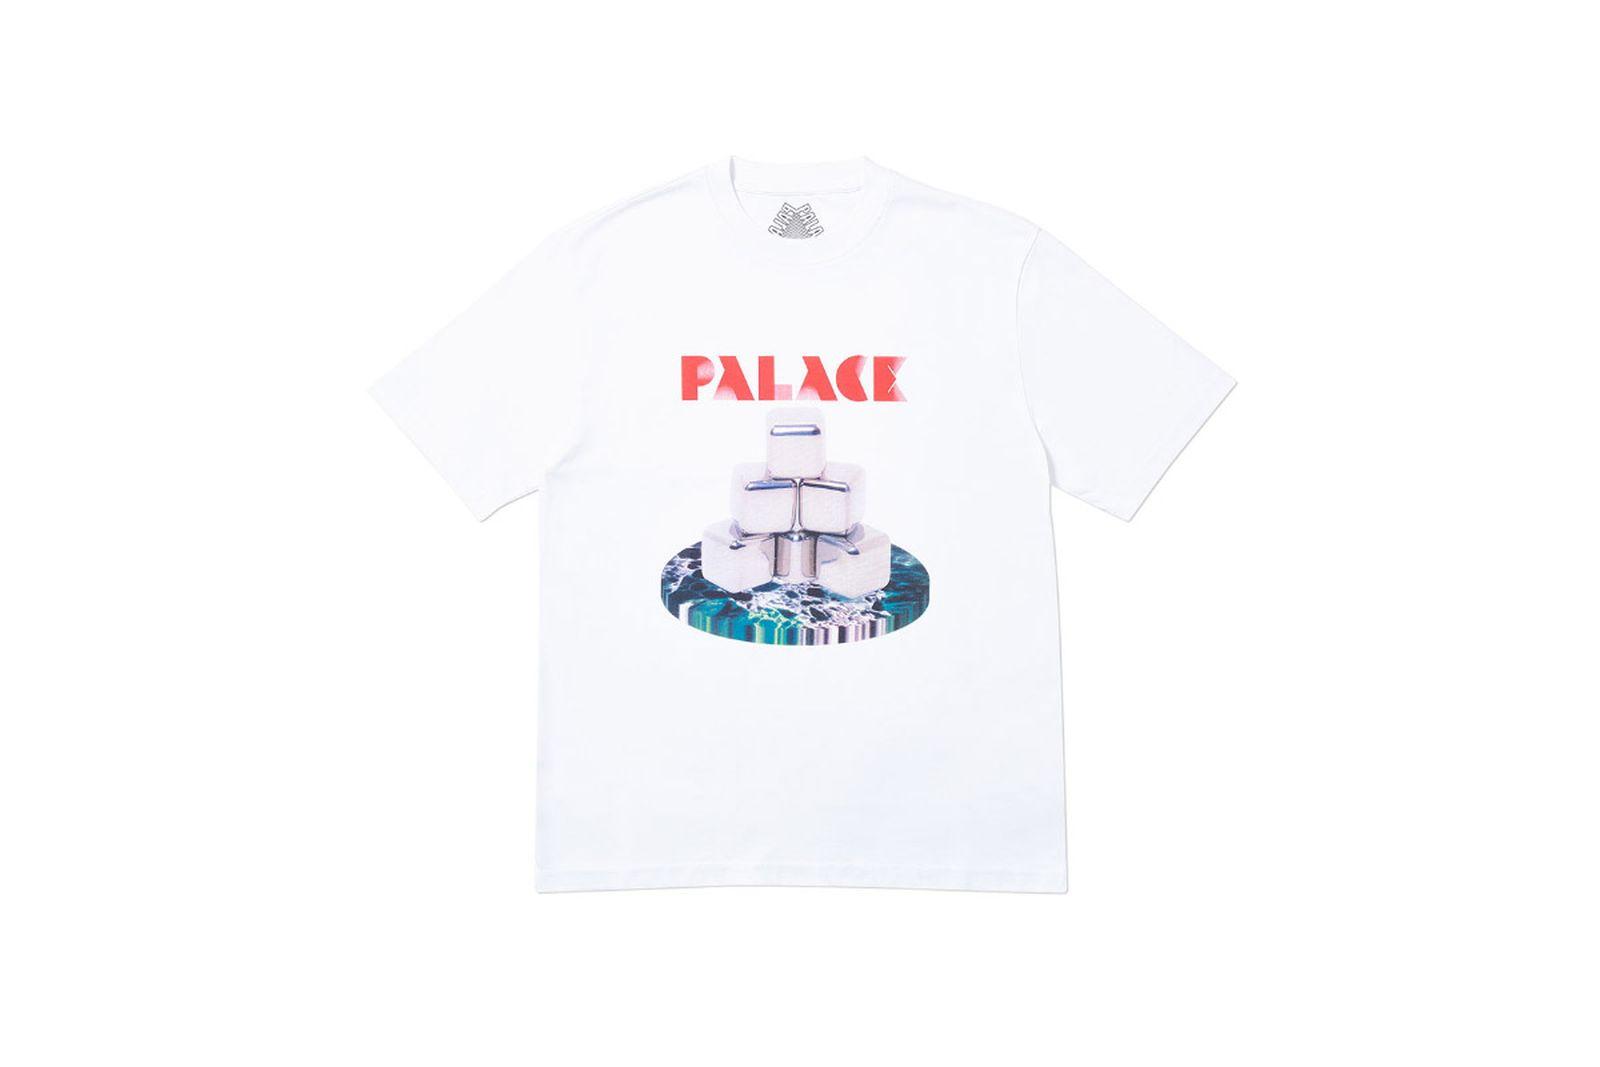 Palace 2019 Autumn T Shirt P Cubes white